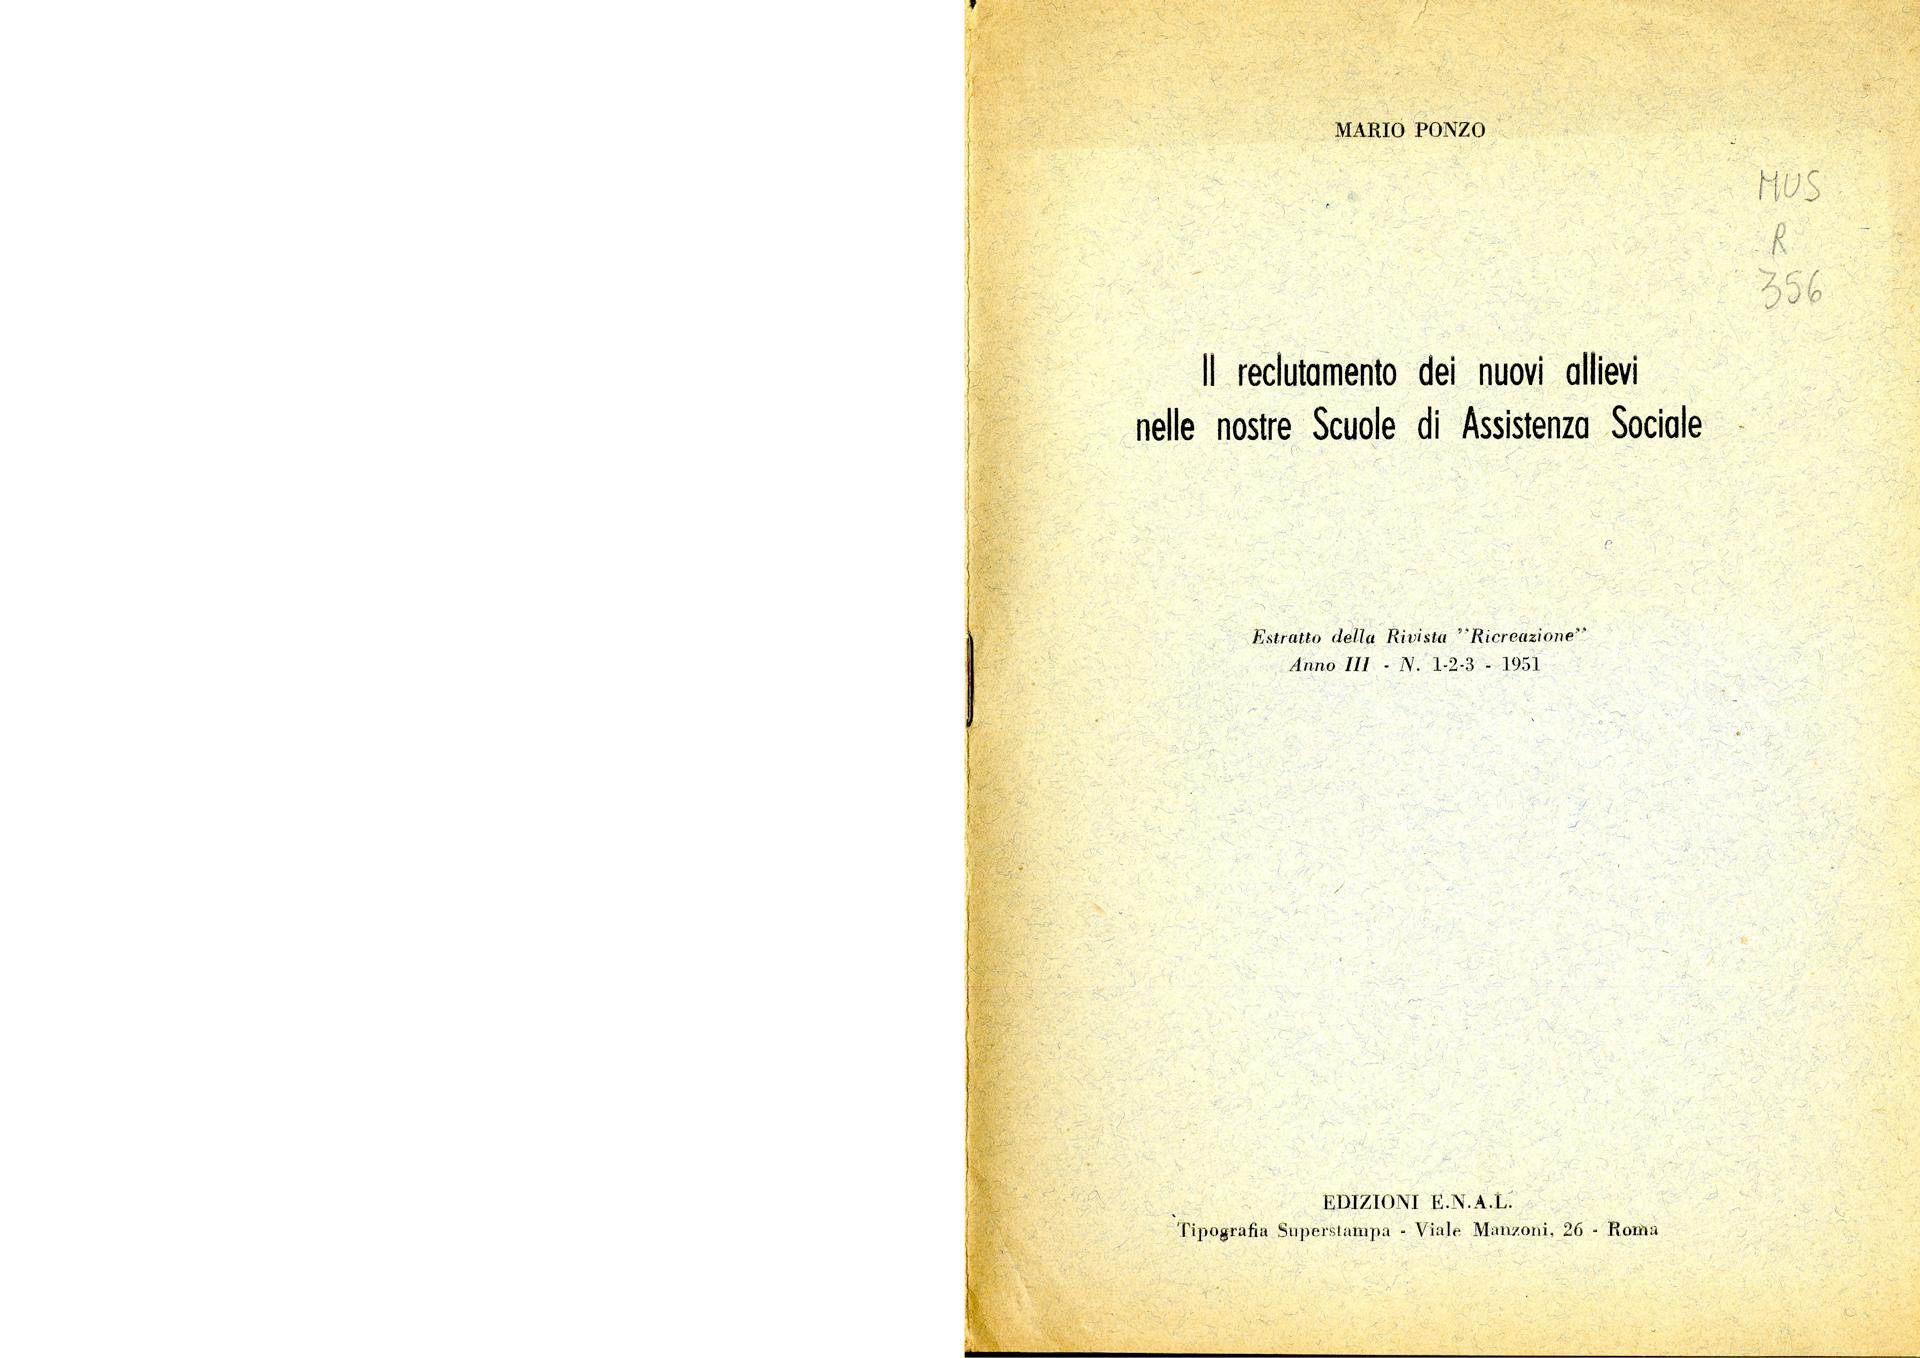 M. Ponzo (1951). Il reclutamento dei nuovi allievi nelle nostre Scuole di Assistenza Sociale